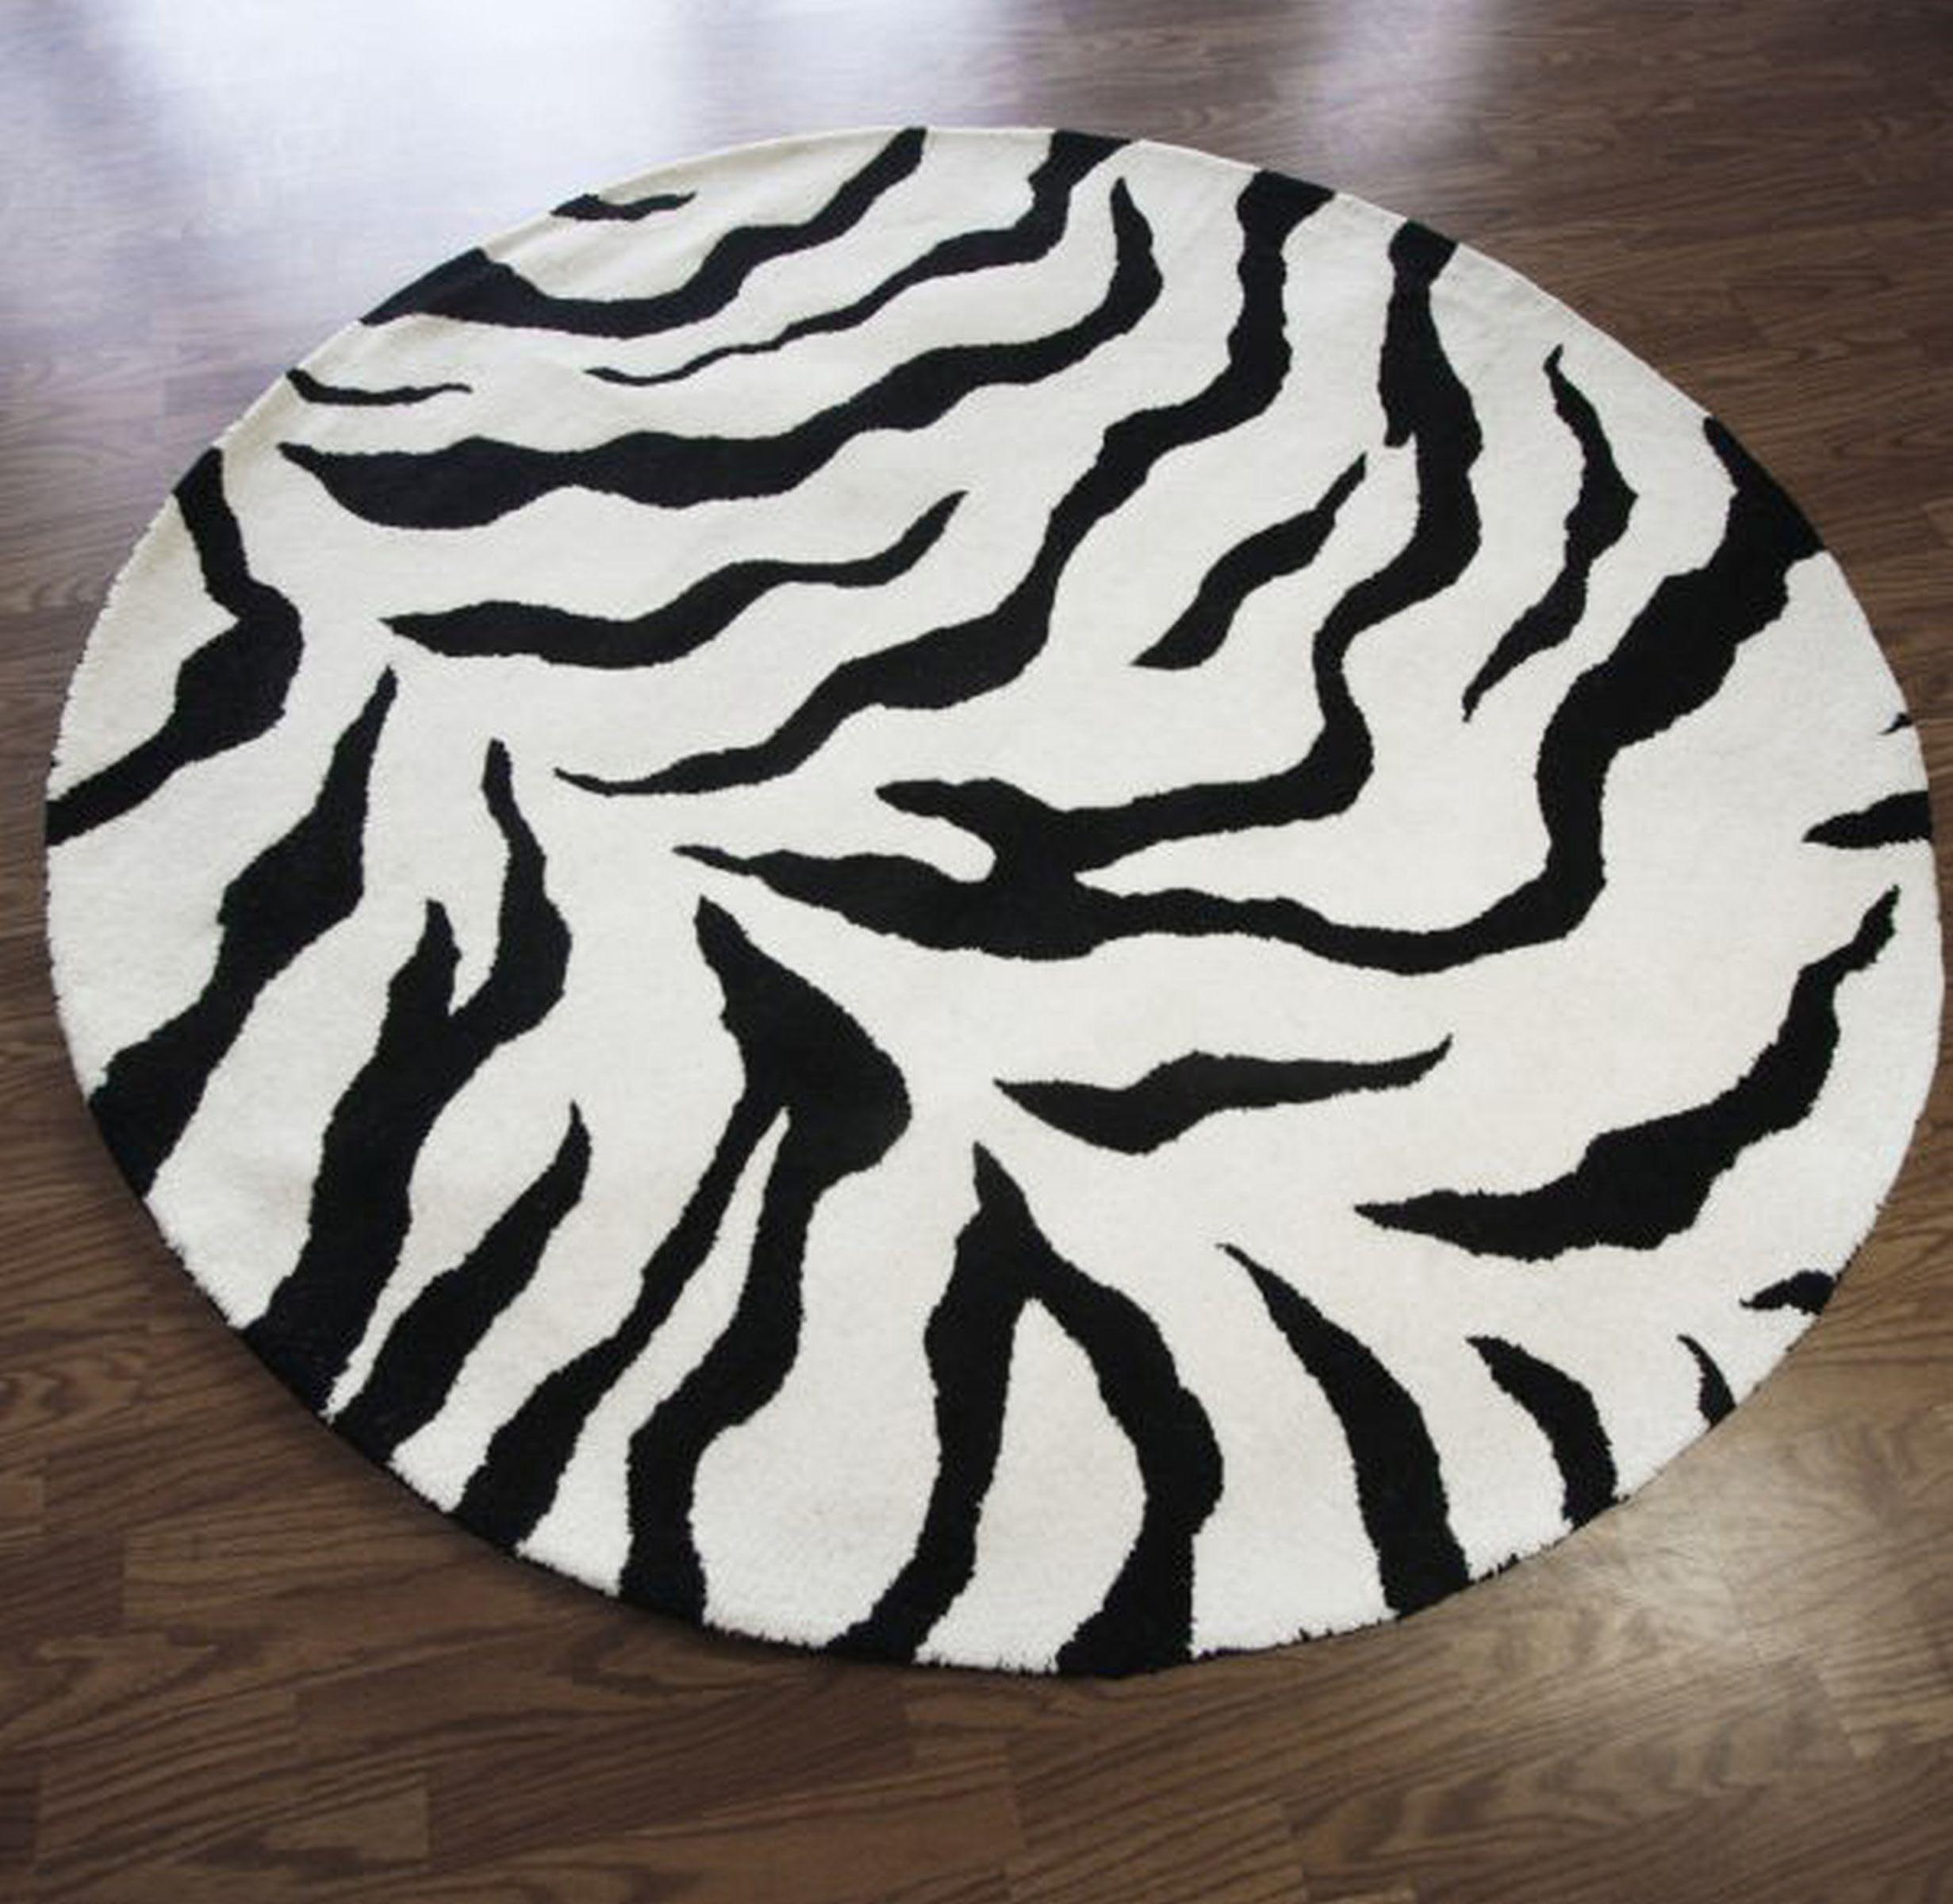 Zebra Print Area Rug 5×8